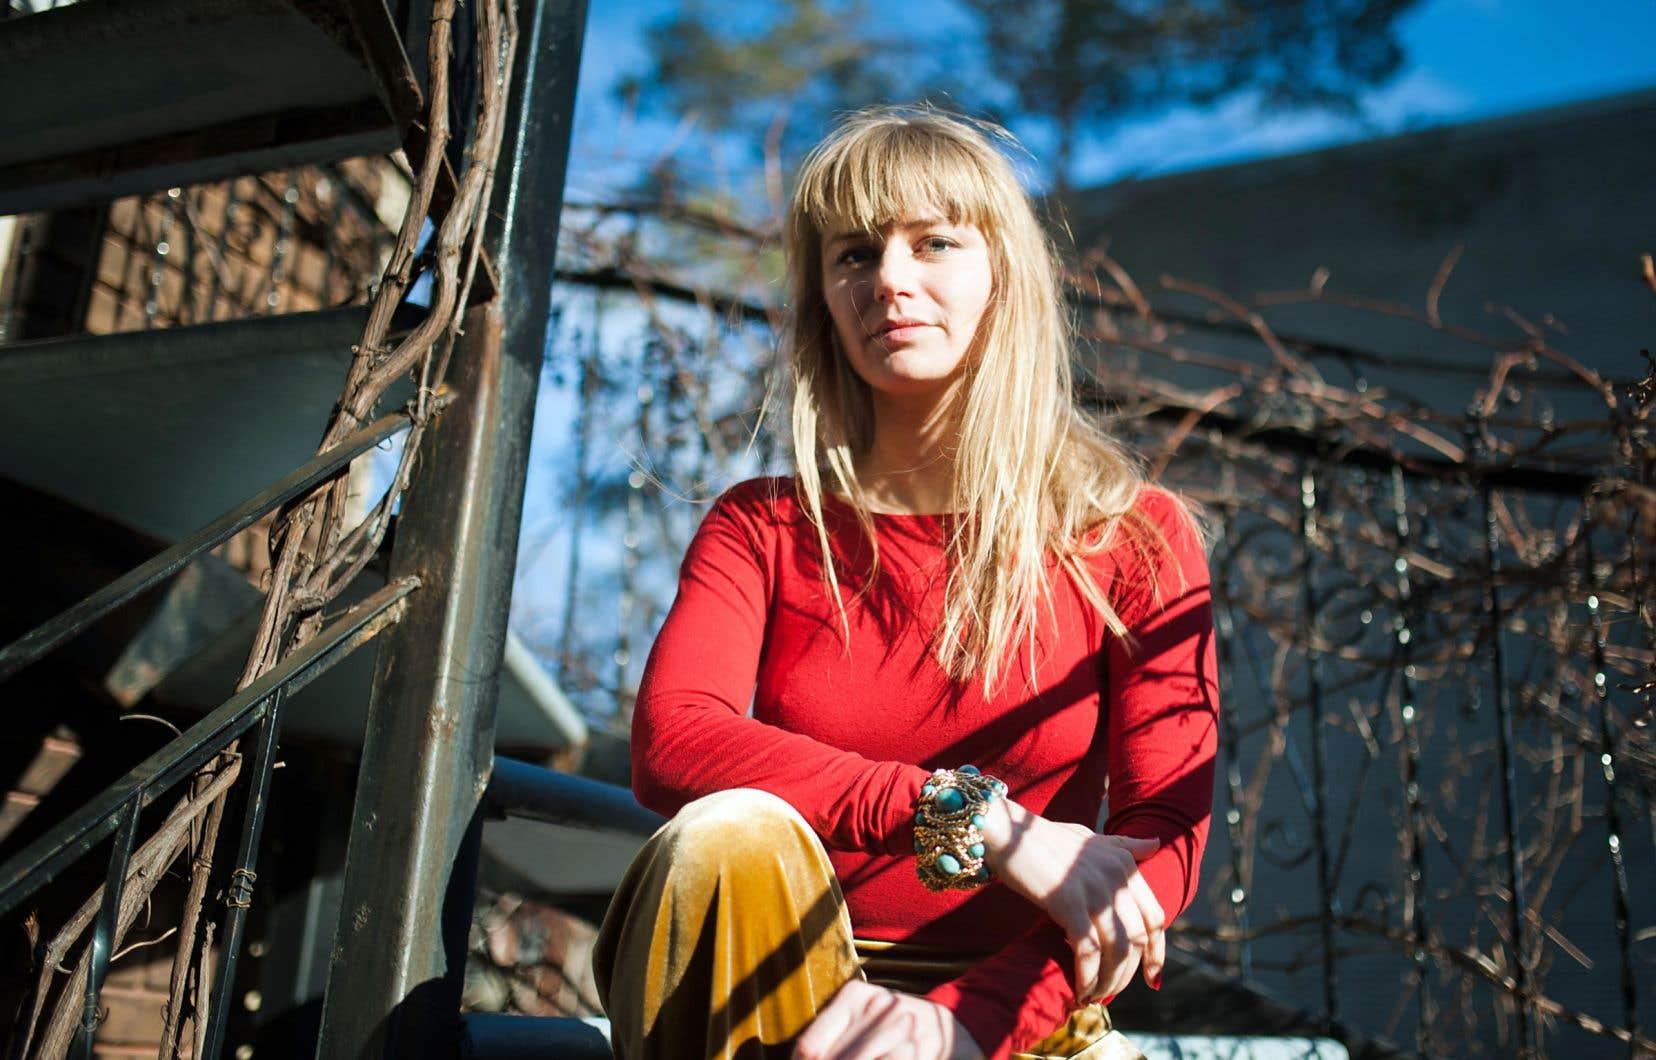 Selon la journaliste française Anne-Sophie Jahn, le mouvement #MeToo, et tout ce qui l'entoure, va faire évoluer «la manière dont les femmes sont traitées dans le rock».